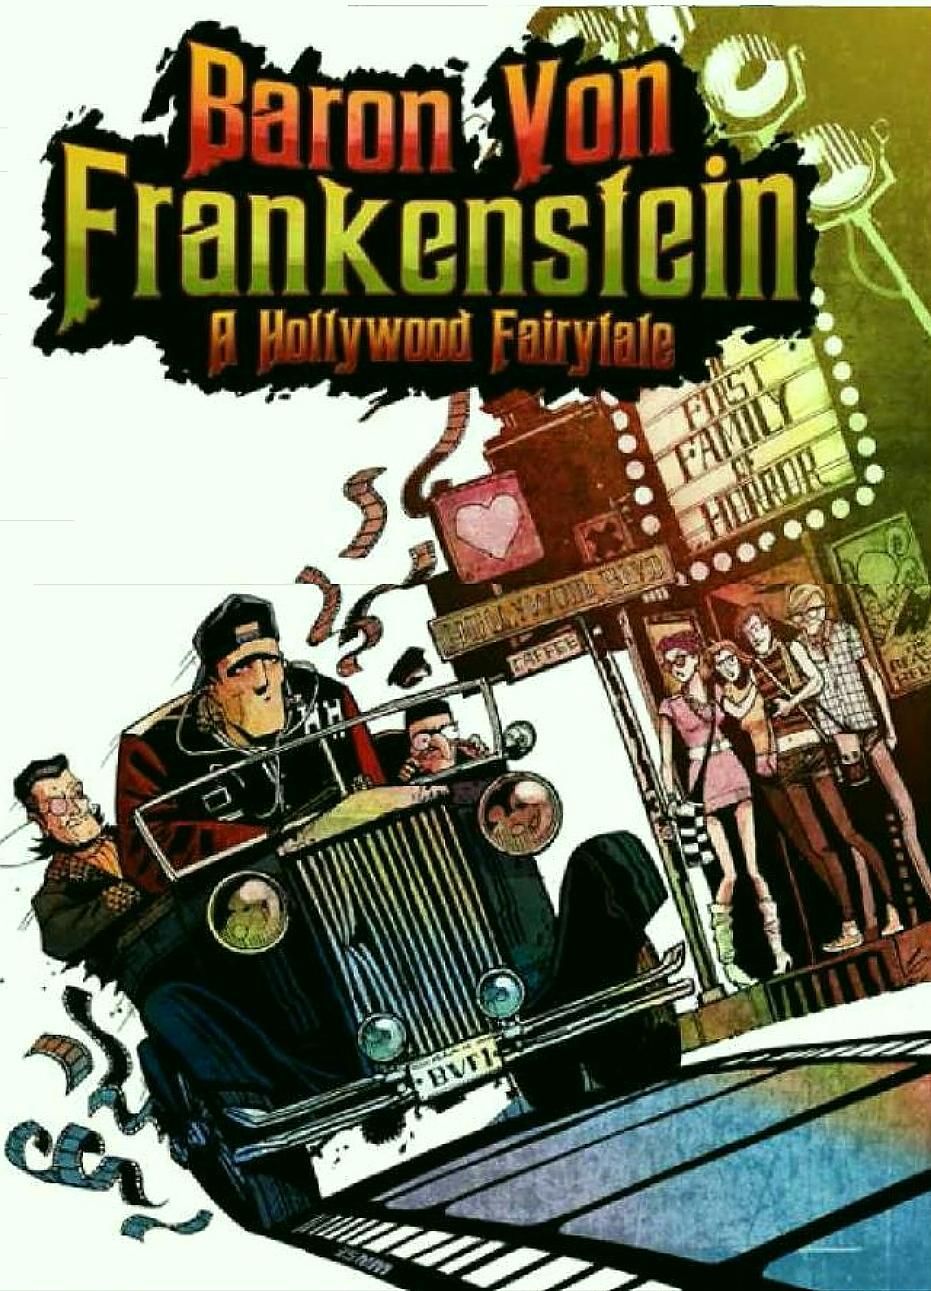 Baron Von Frankenstein A Hollywood Fairytale cover